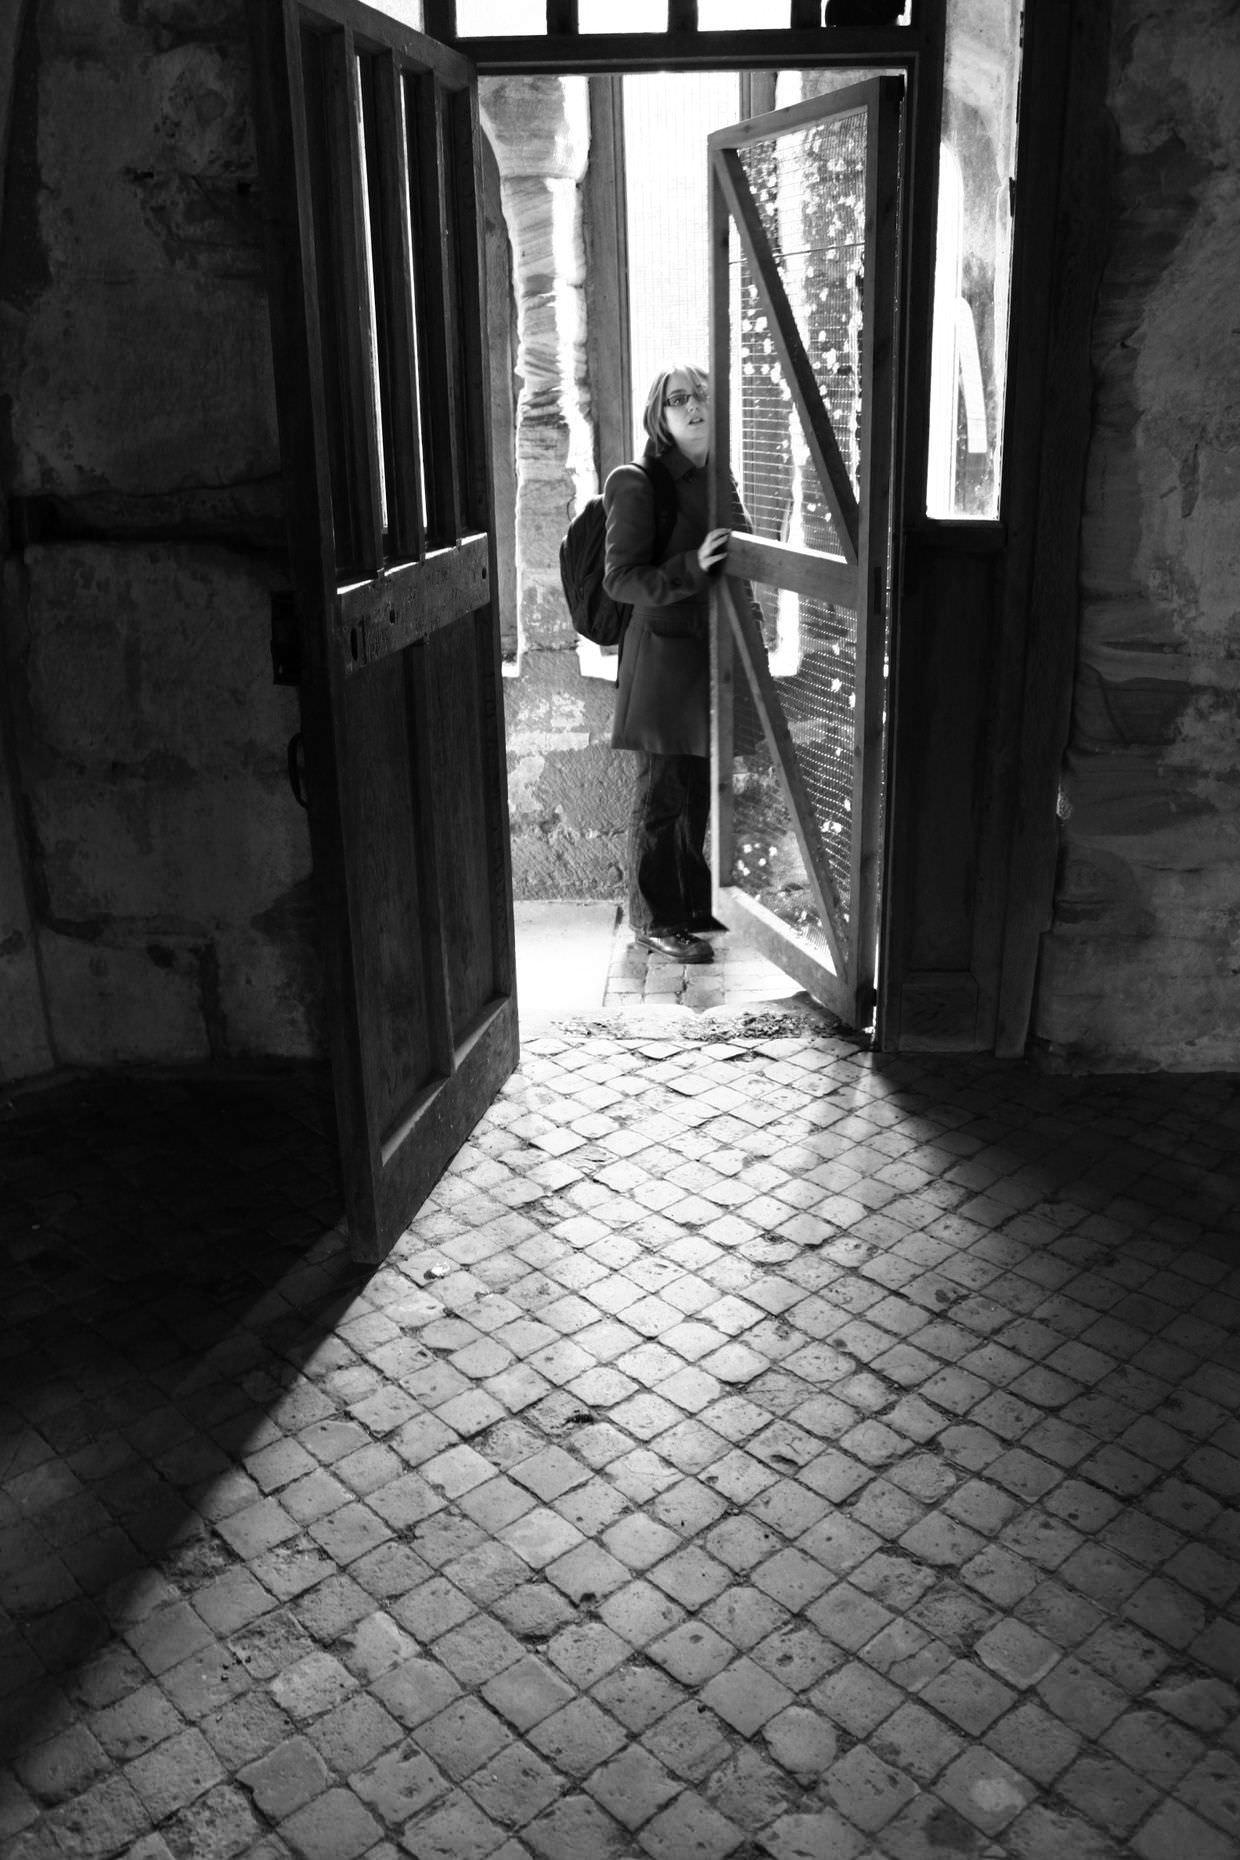 Samantha in the doorway